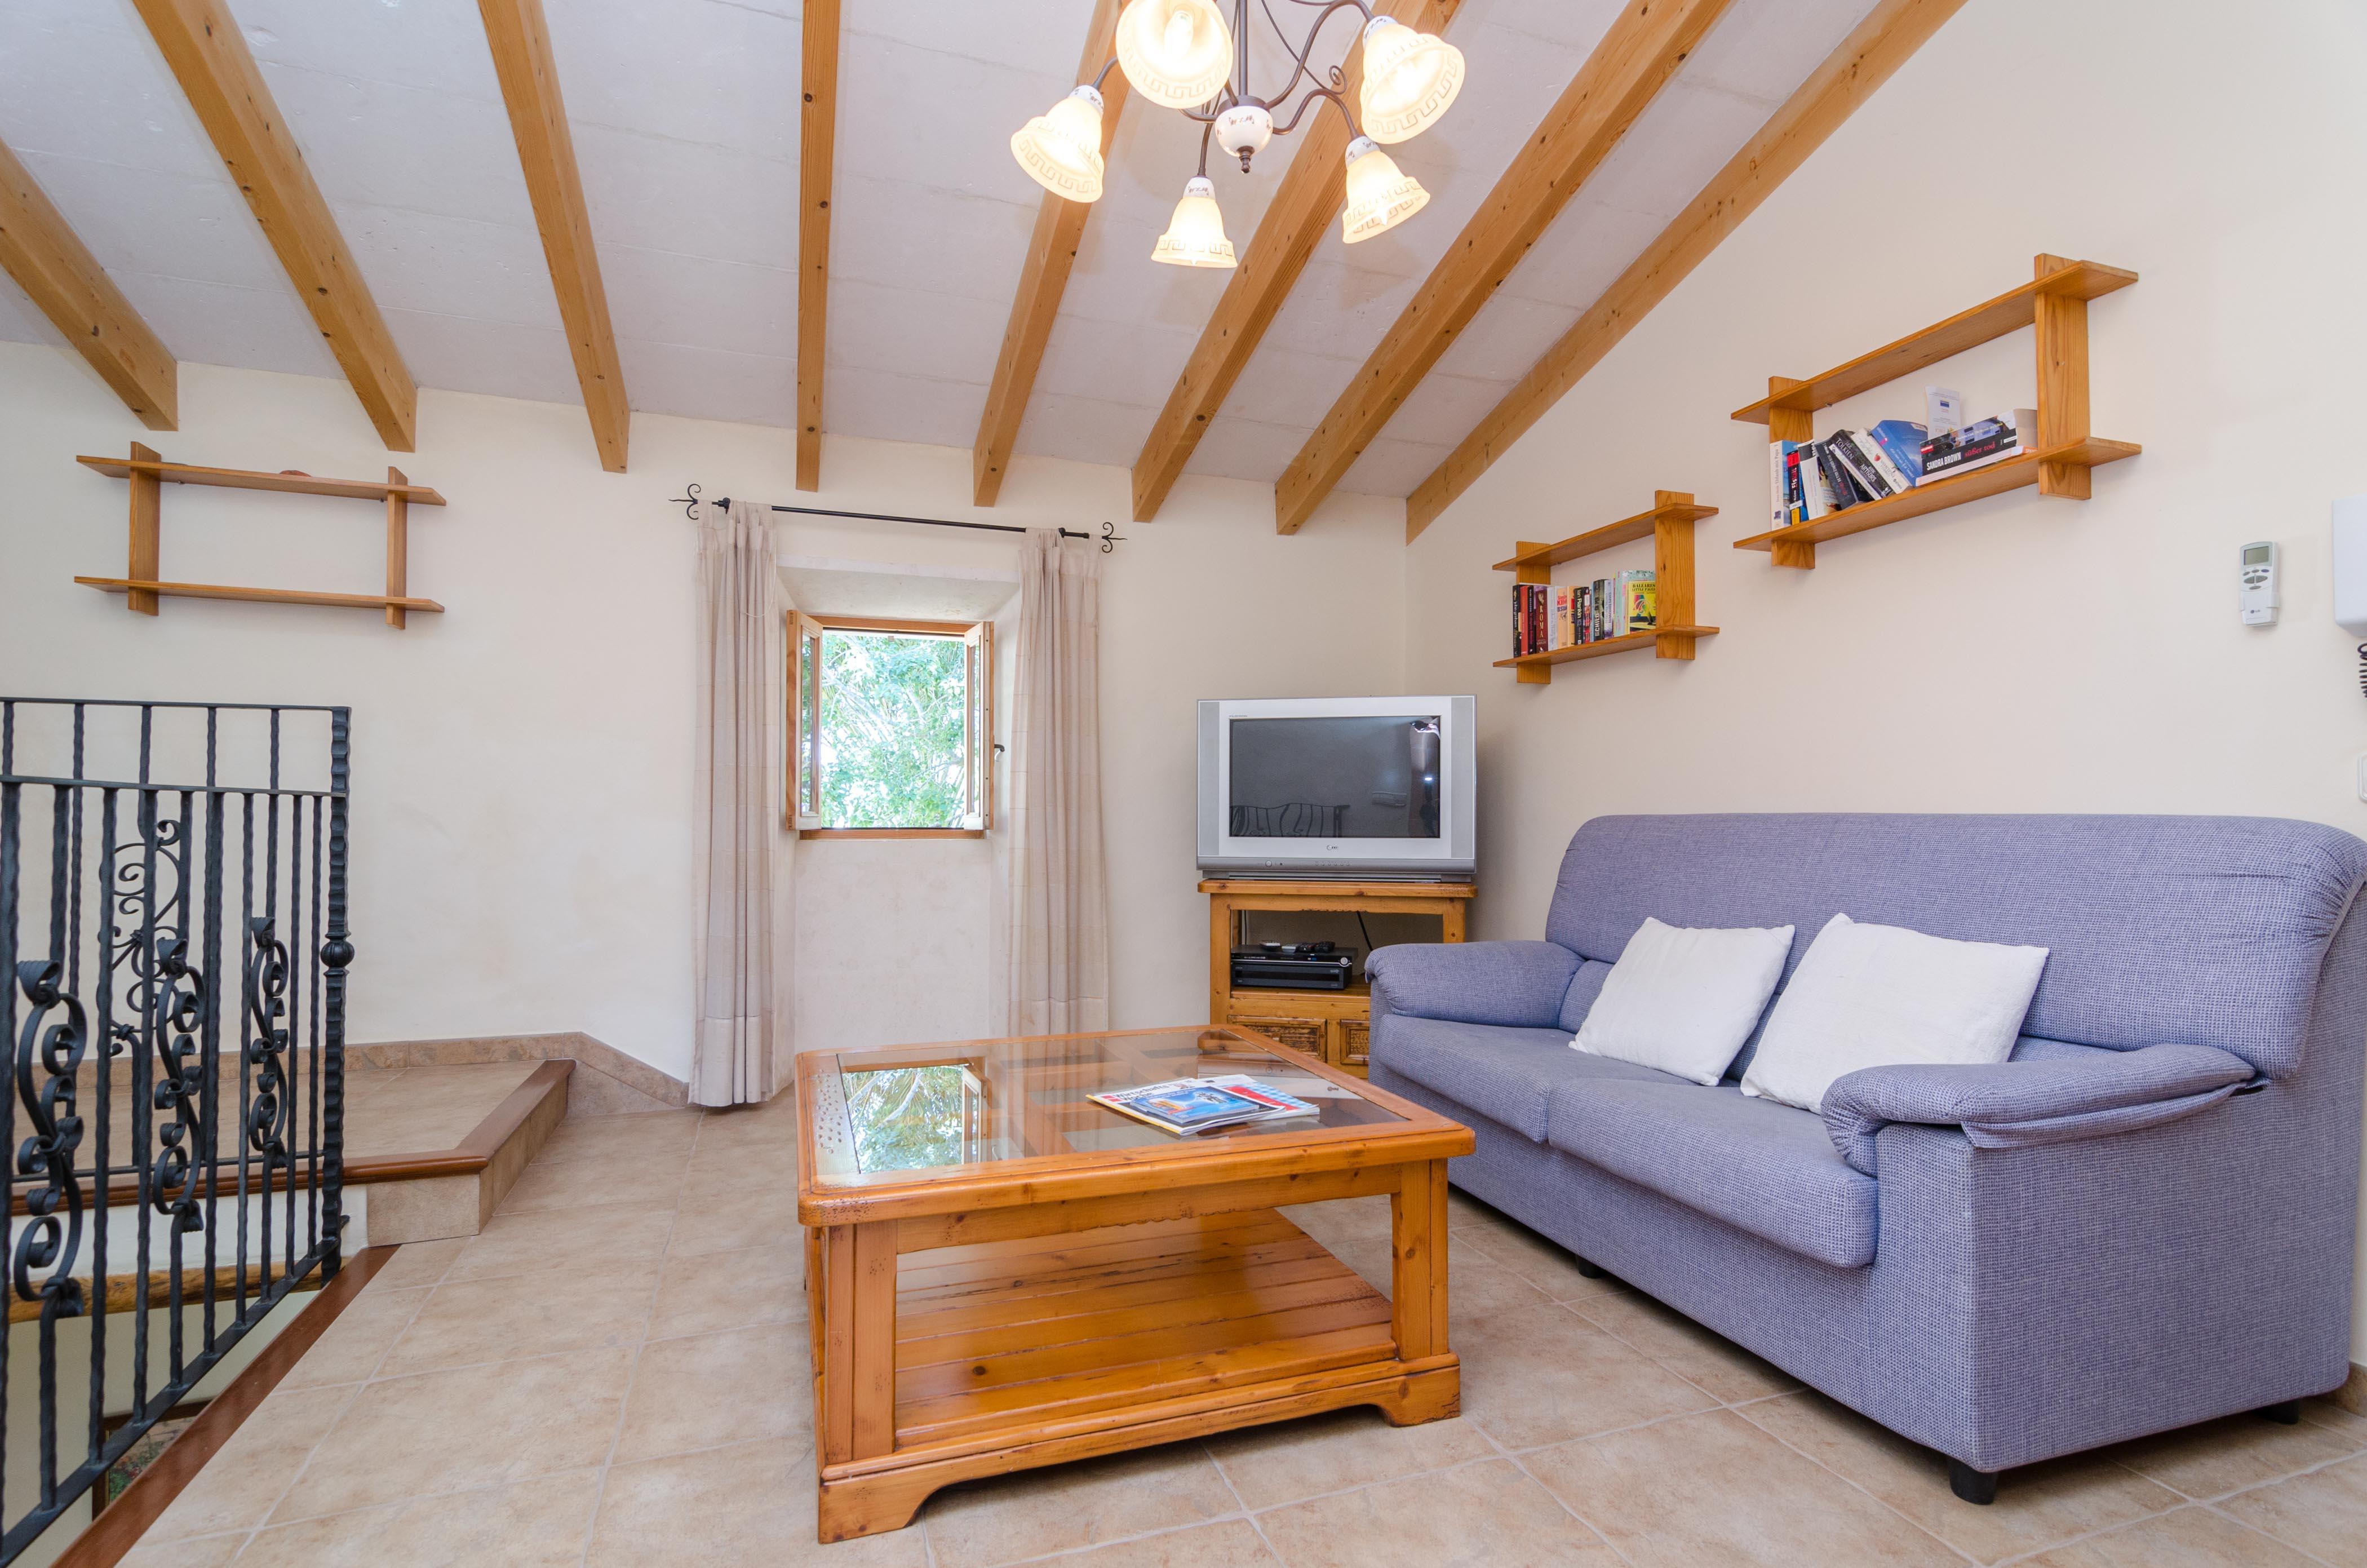 ferienhaus es carritxo mit pool f r bis zu 11 personen mieten. Black Bedroom Furniture Sets. Home Design Ideas